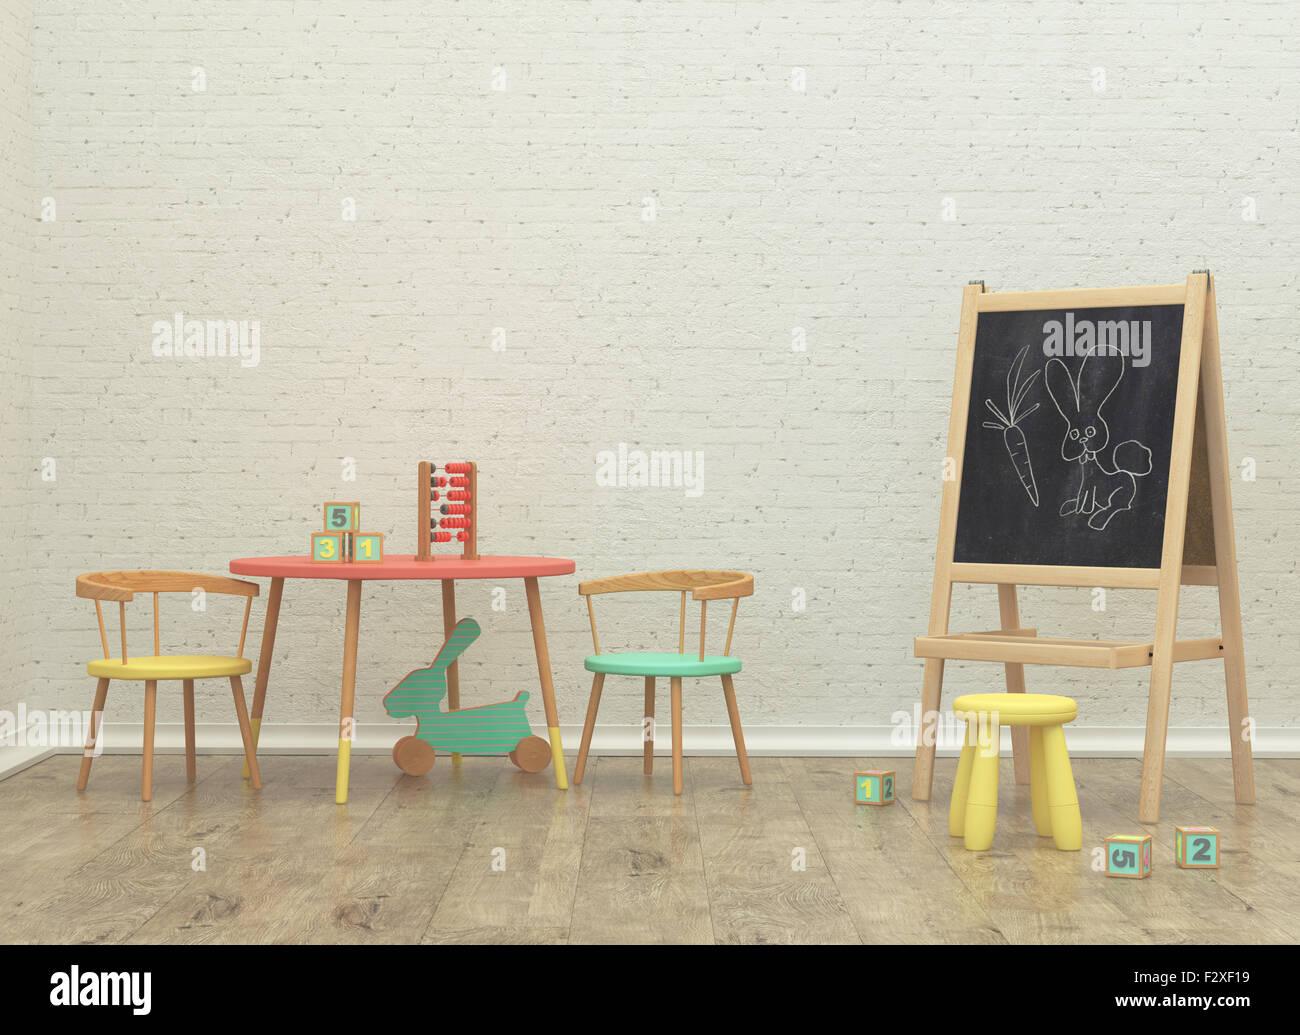 Bambini Sala giochi Interni rendering 3d'immagine con bordo e giocattoli Immagini Stock